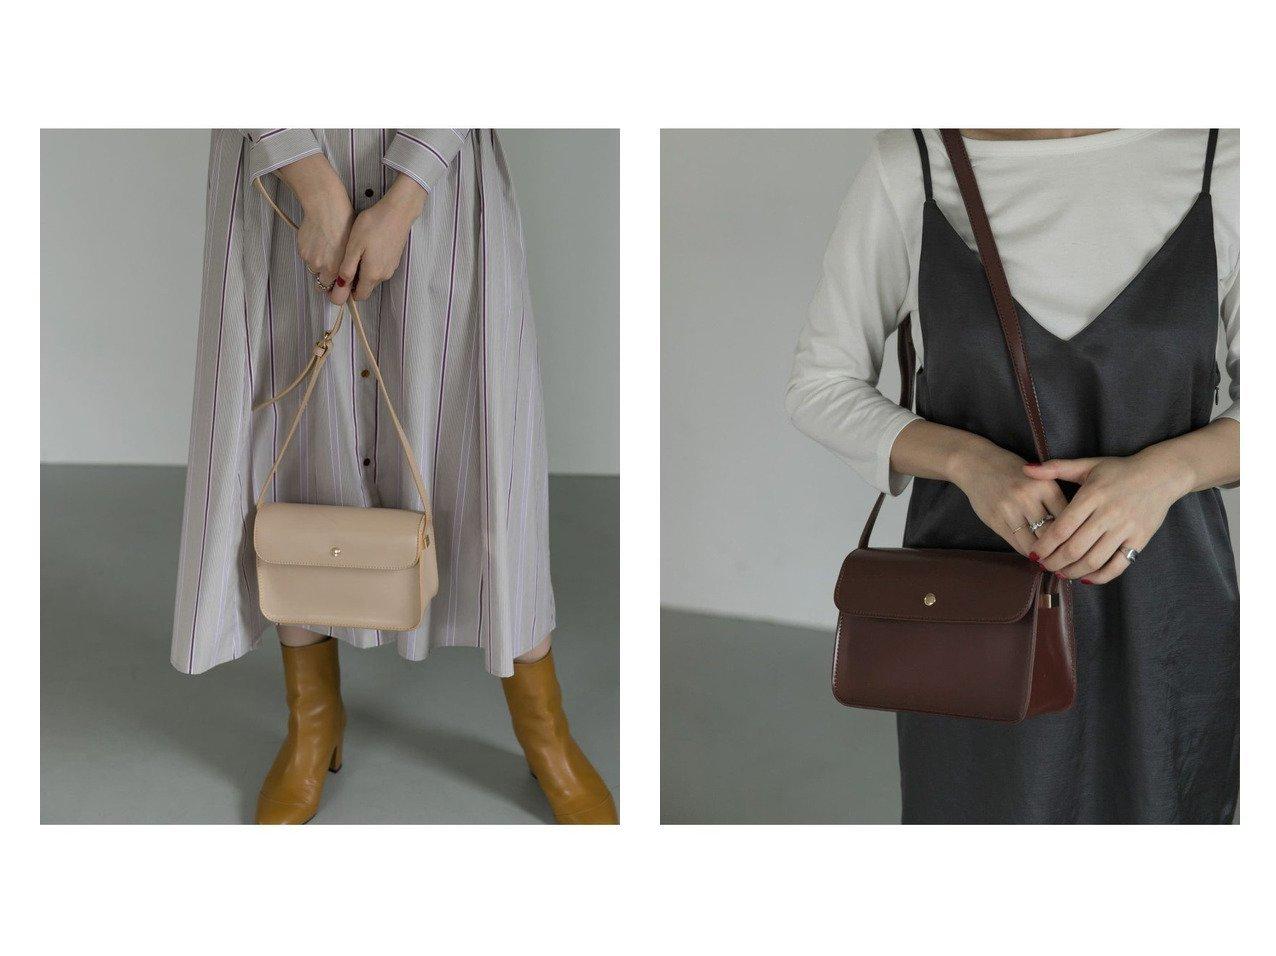 【URBAN RESEARCH ROSSO/アーバンリサーチ ロッソ】のミニフラップショルダーバック バッグ・鞄のおすすめ!人気、トレンド・レディースファッションの通販 おすすめで人気の流行・トレンド、ファッションの通販商品 メンズファッション・キッズファッション・インテリア・家具・レディースファッション・服の通販 founy(ファニー) https://founy.com/ ファッション Fashion レディースファッション WOMEN バッグ Bag ショルダー フラップ ワンポイント |ID:crp329100000013693